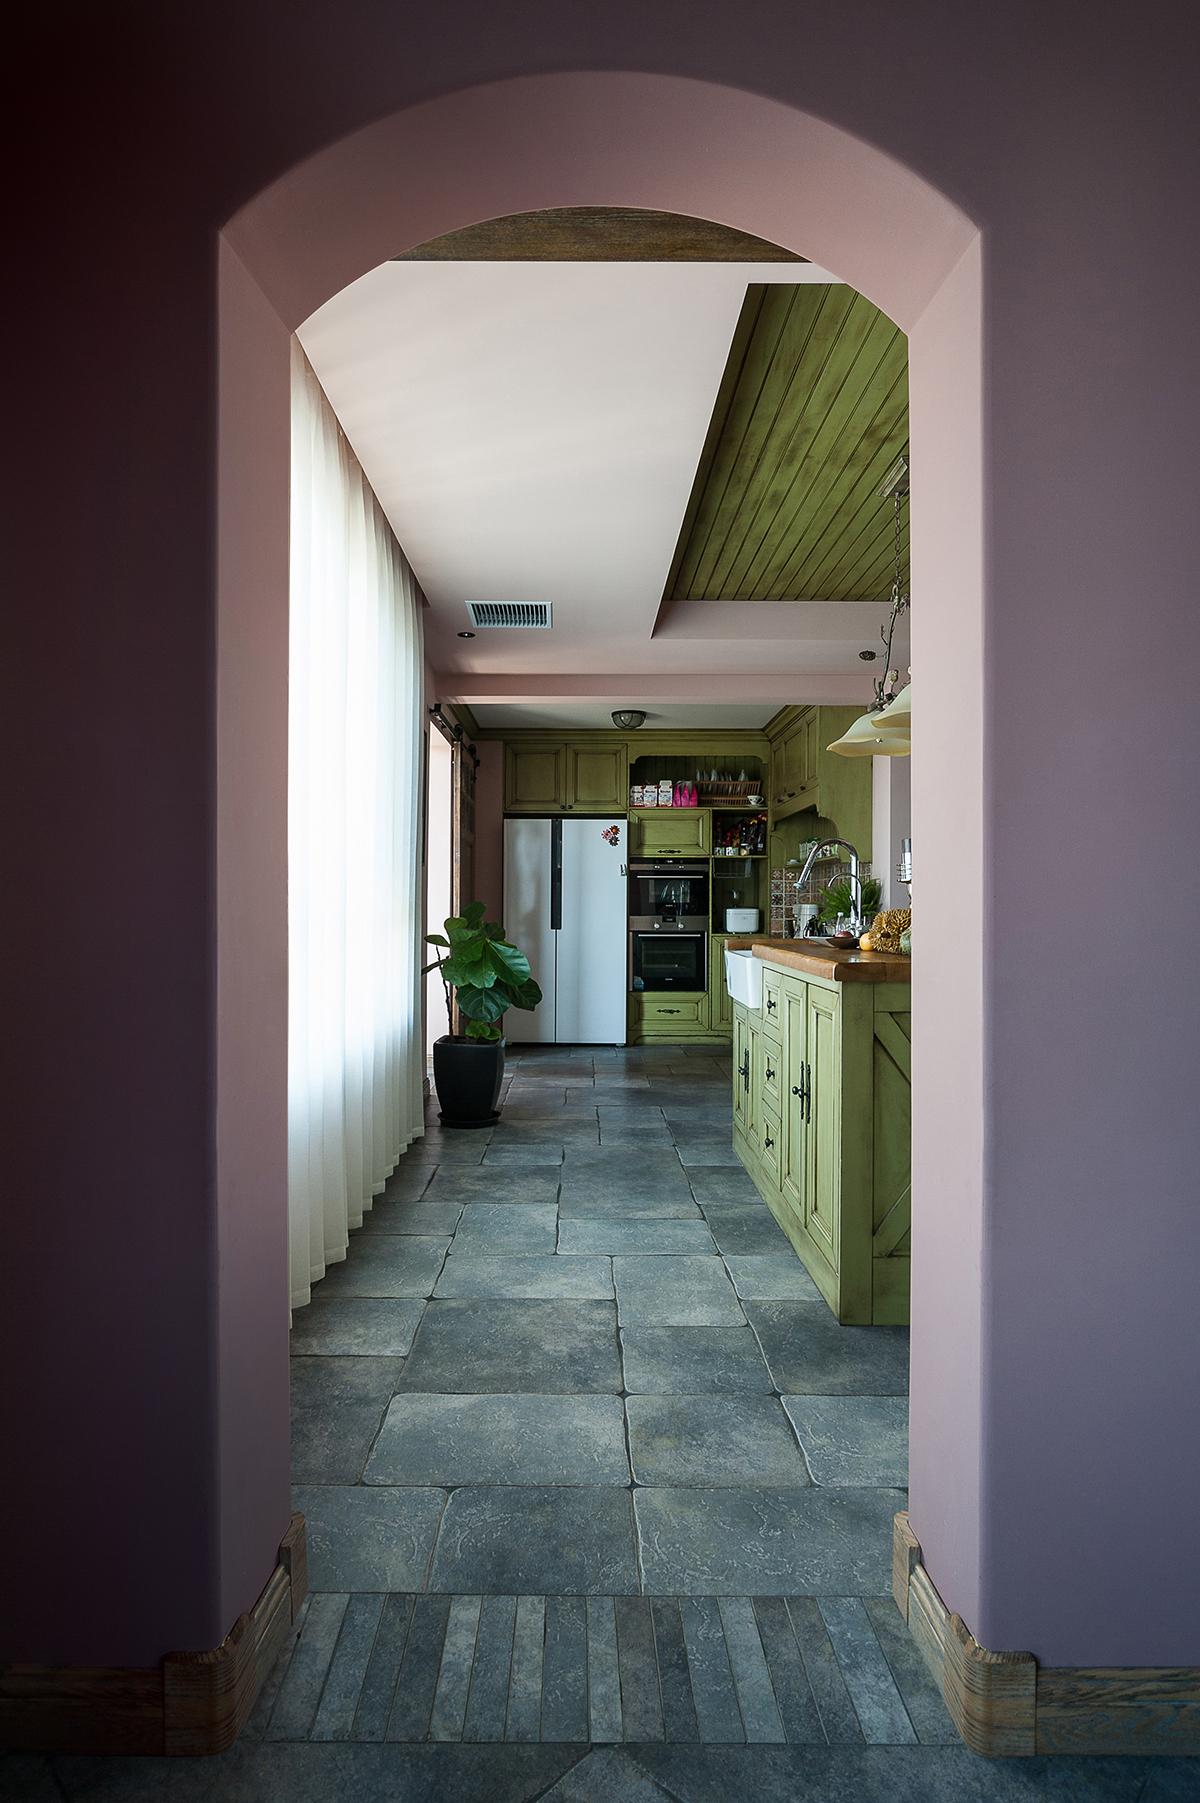 质朴54平法式复式厨房设计美图餐厅欧式豪华厨房设计图片赏析